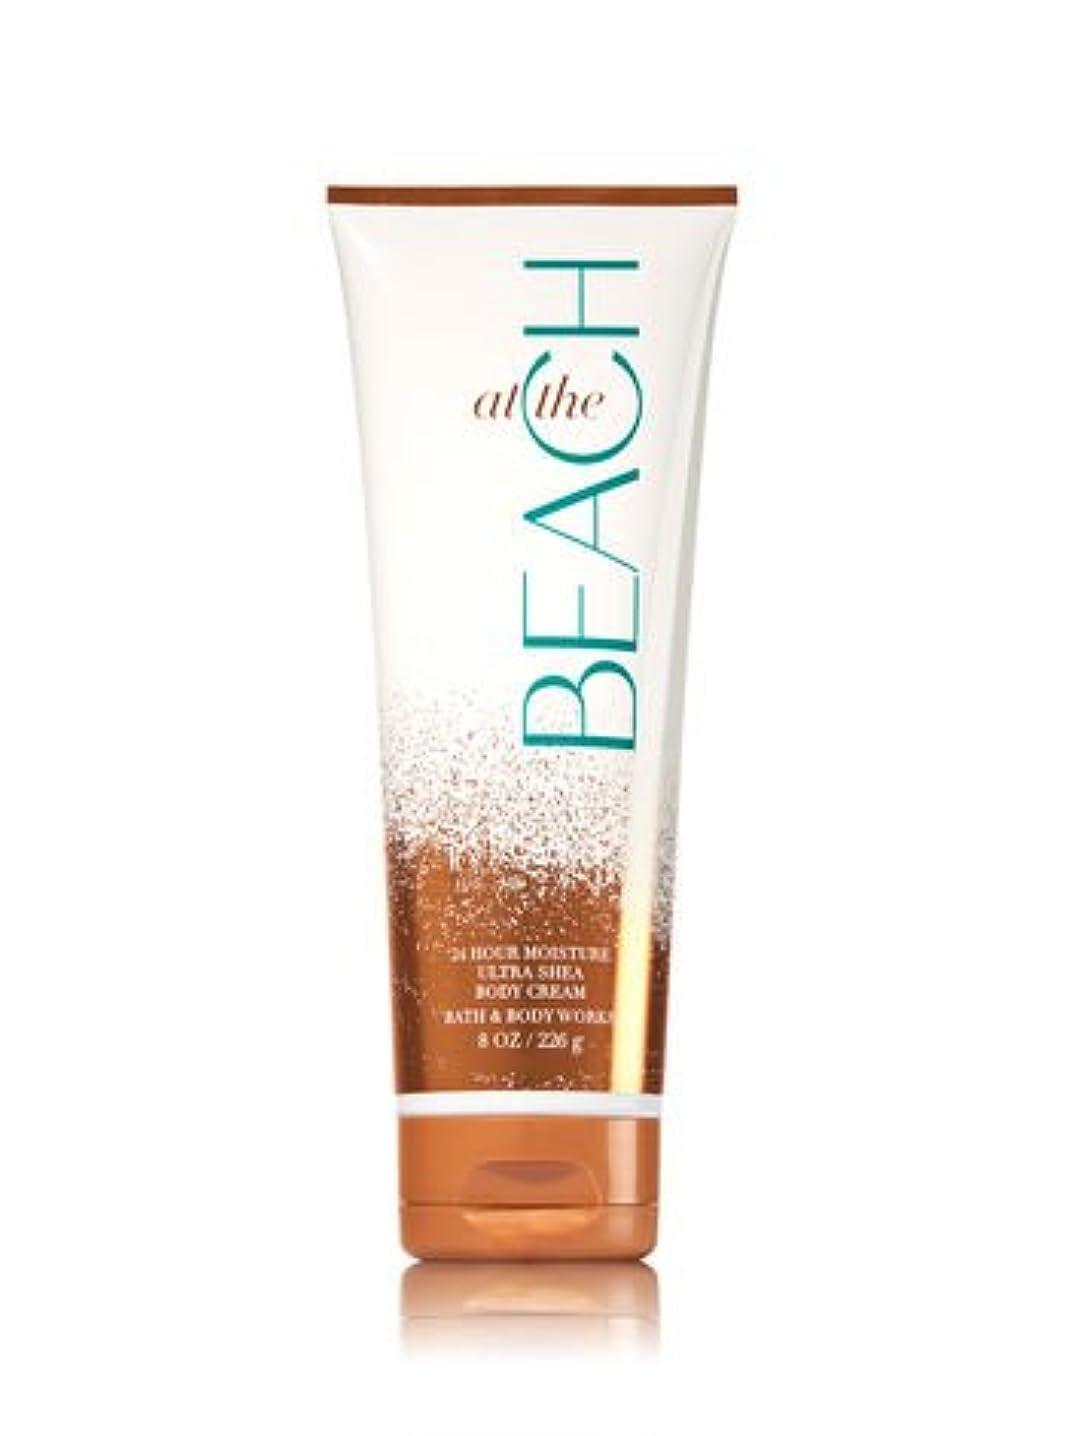 羨望消毒する配当【Bath&Body Works/バス&ボディワークス】 ボディクリーム アットザビーチ Body Cream At The Beach 8 oz / 226 g [並行輸入品]